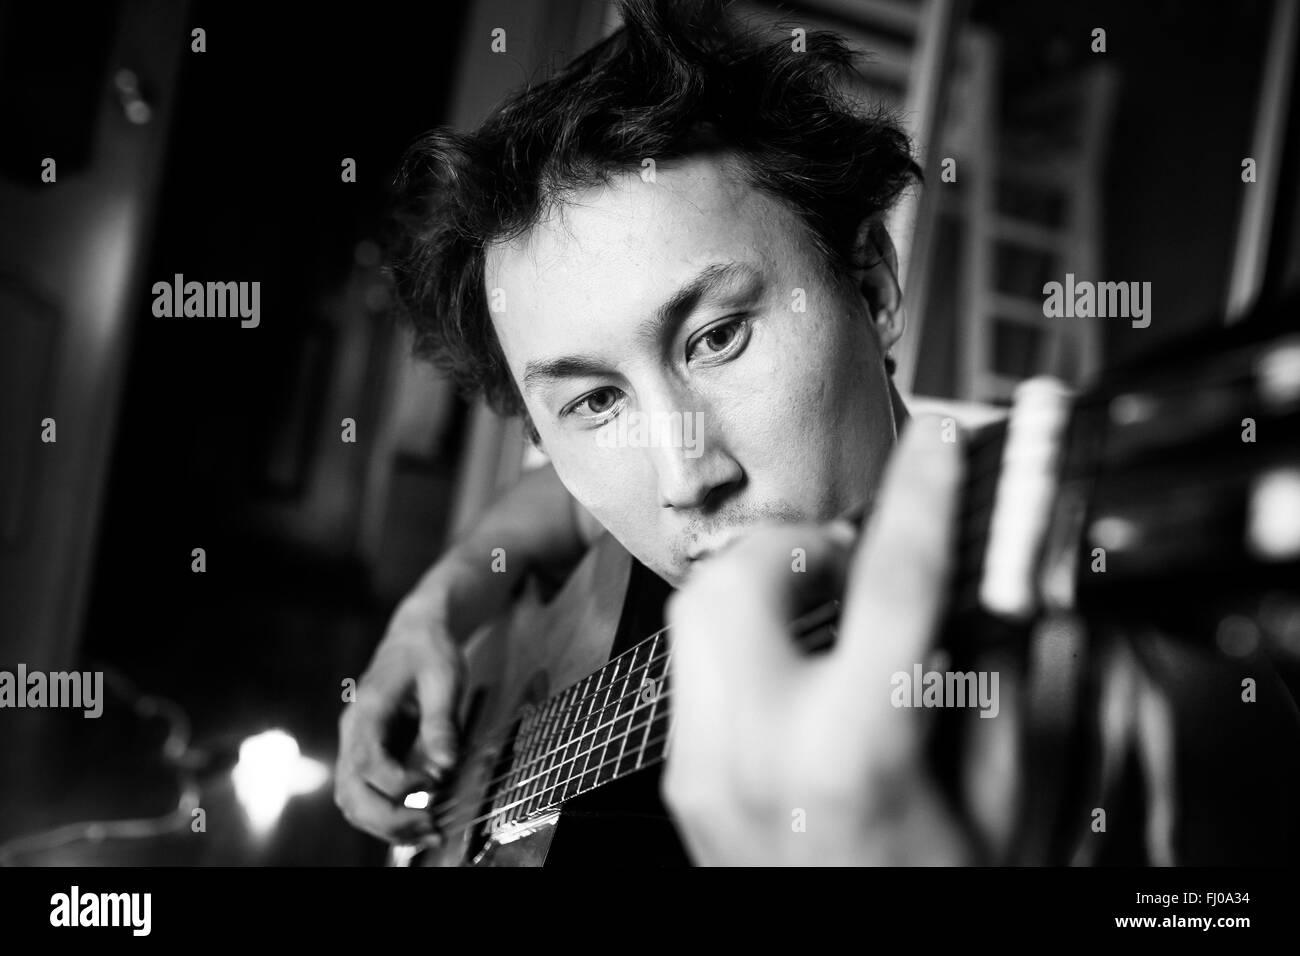 Verrückte leidenschaftliche Gitarrist spielt Gitarre, schwarz / weiß close-up Portrait. Musiker mit zerzausten Stockbild